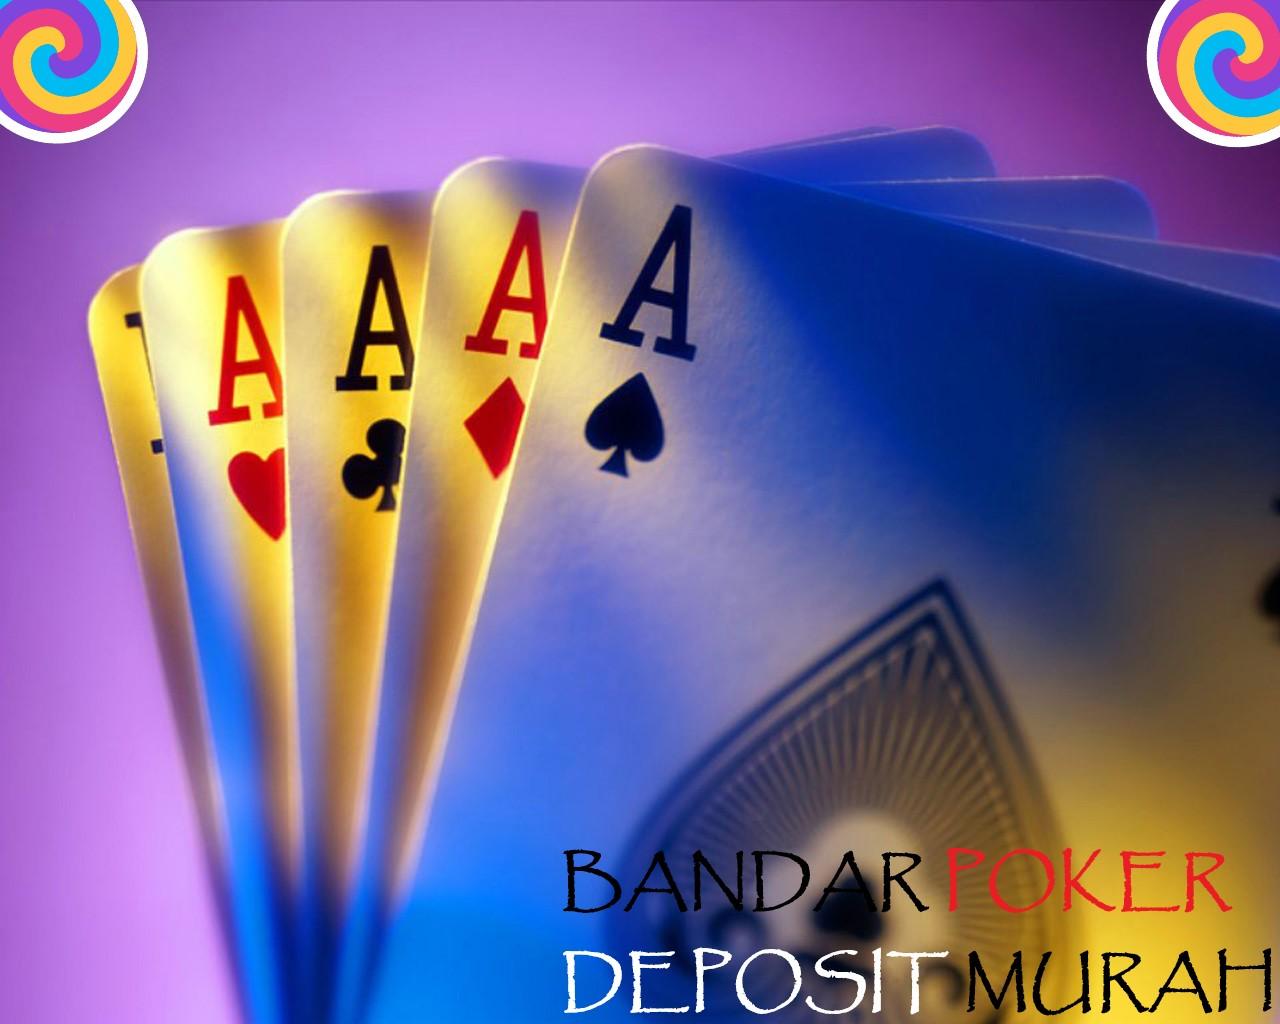 Berita Terkini seputar Poker